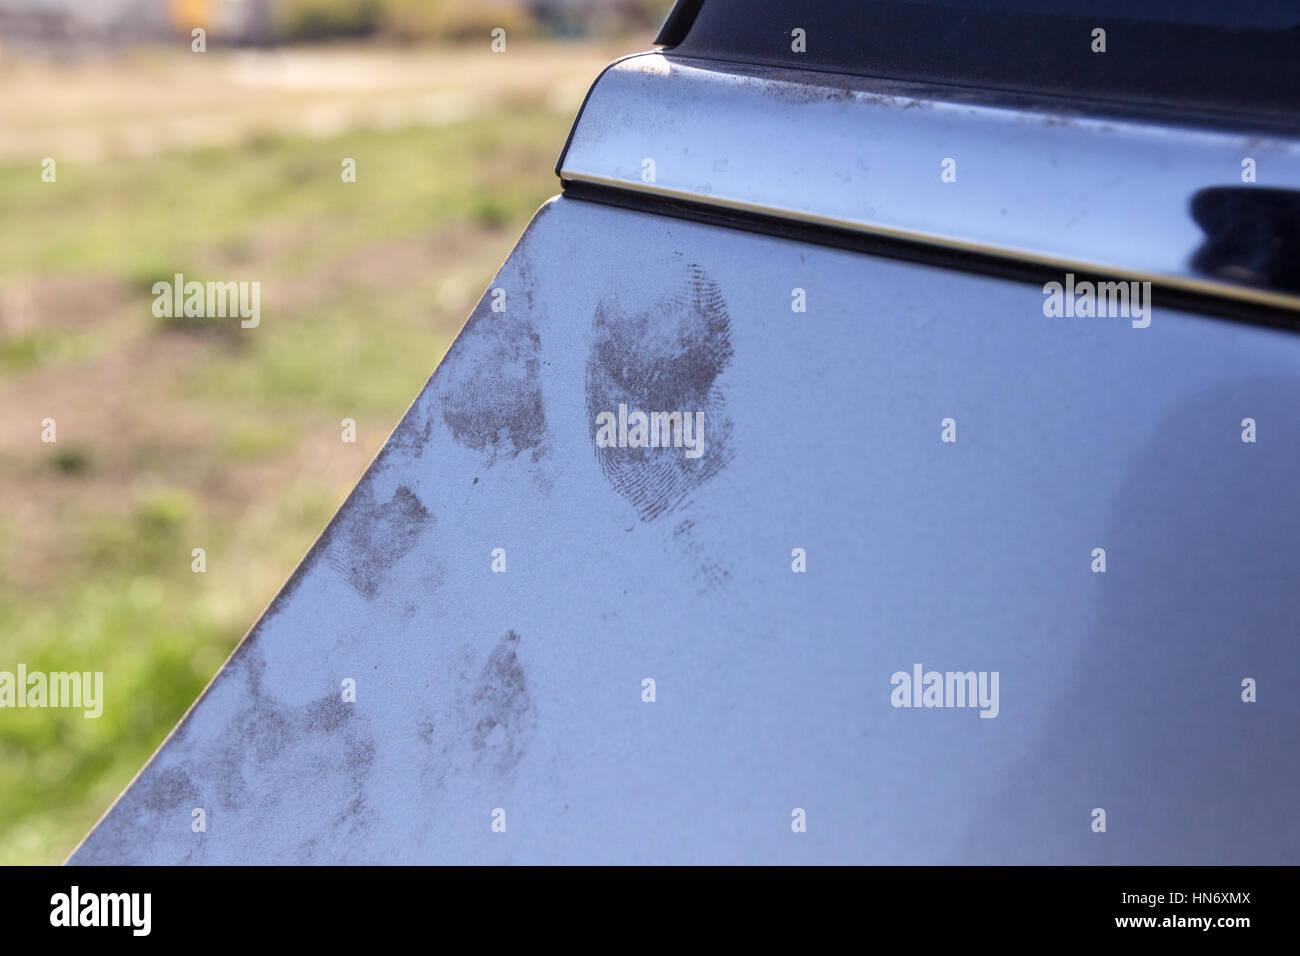 Enquête de vol de voiture Photo Stock